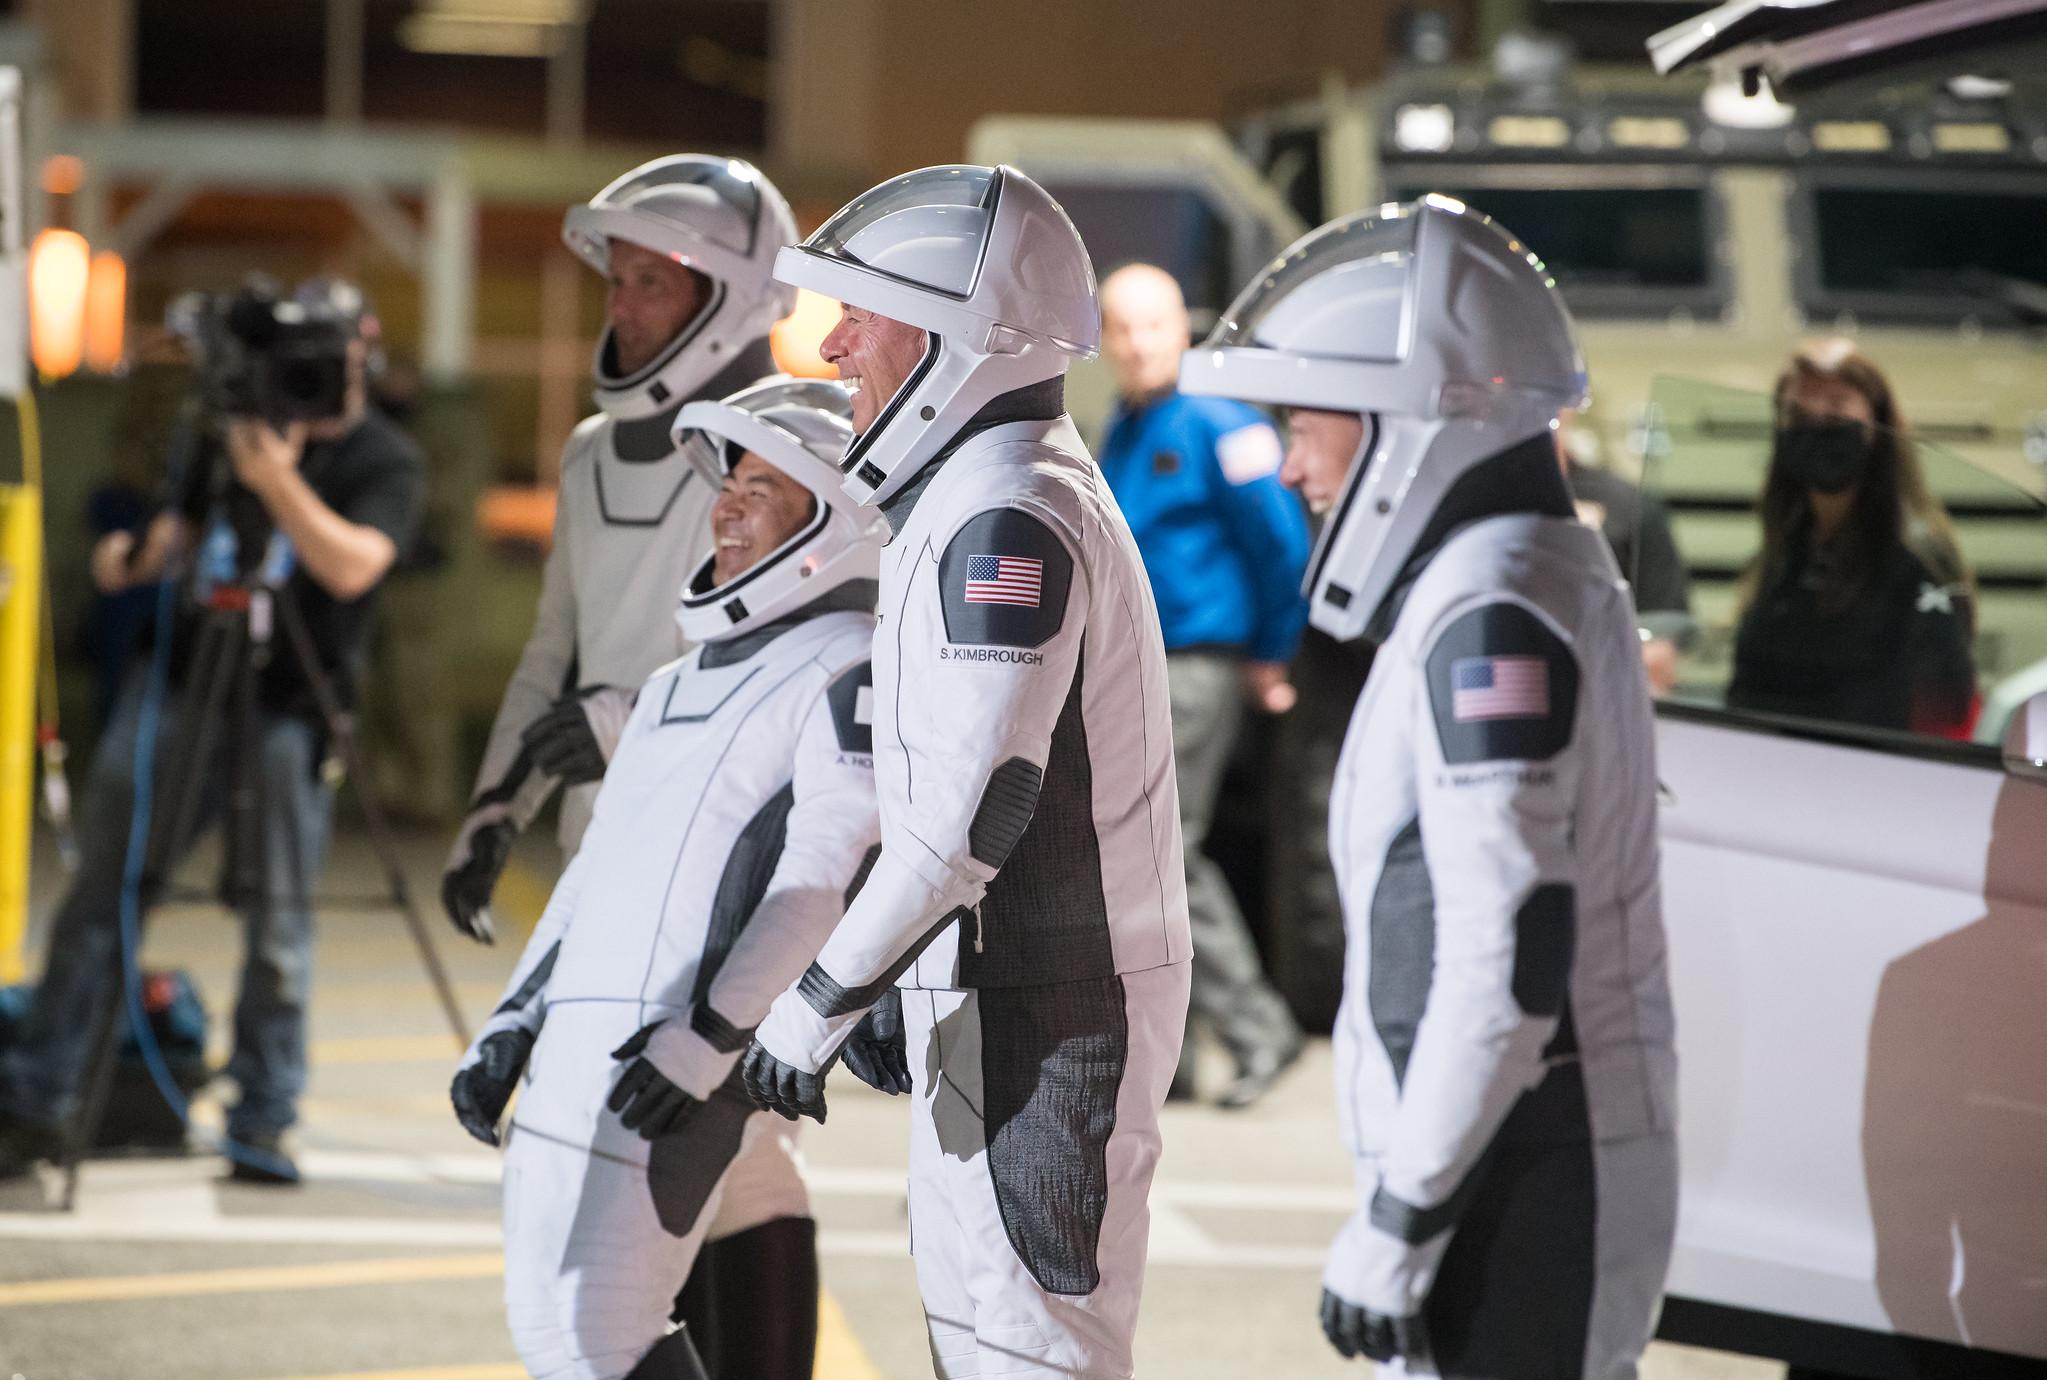 De gauche à droite, l'astronaute de l'ESA Thomas Pesquet, l'astronaute de la JAXA Akihiko Hoshide et les astronautes de la NASA Shane Kimbrough et Megan McArthur se préparent à quitter le bâtiment des opérations et de contrôle de Neil A. Armstrong pour le complexe de lancement 39A lors d'une répétition générale avant la mission Crew-2 lancement, le 18 avril 2021, au Kennedy Space Center de la NASA en Floride.